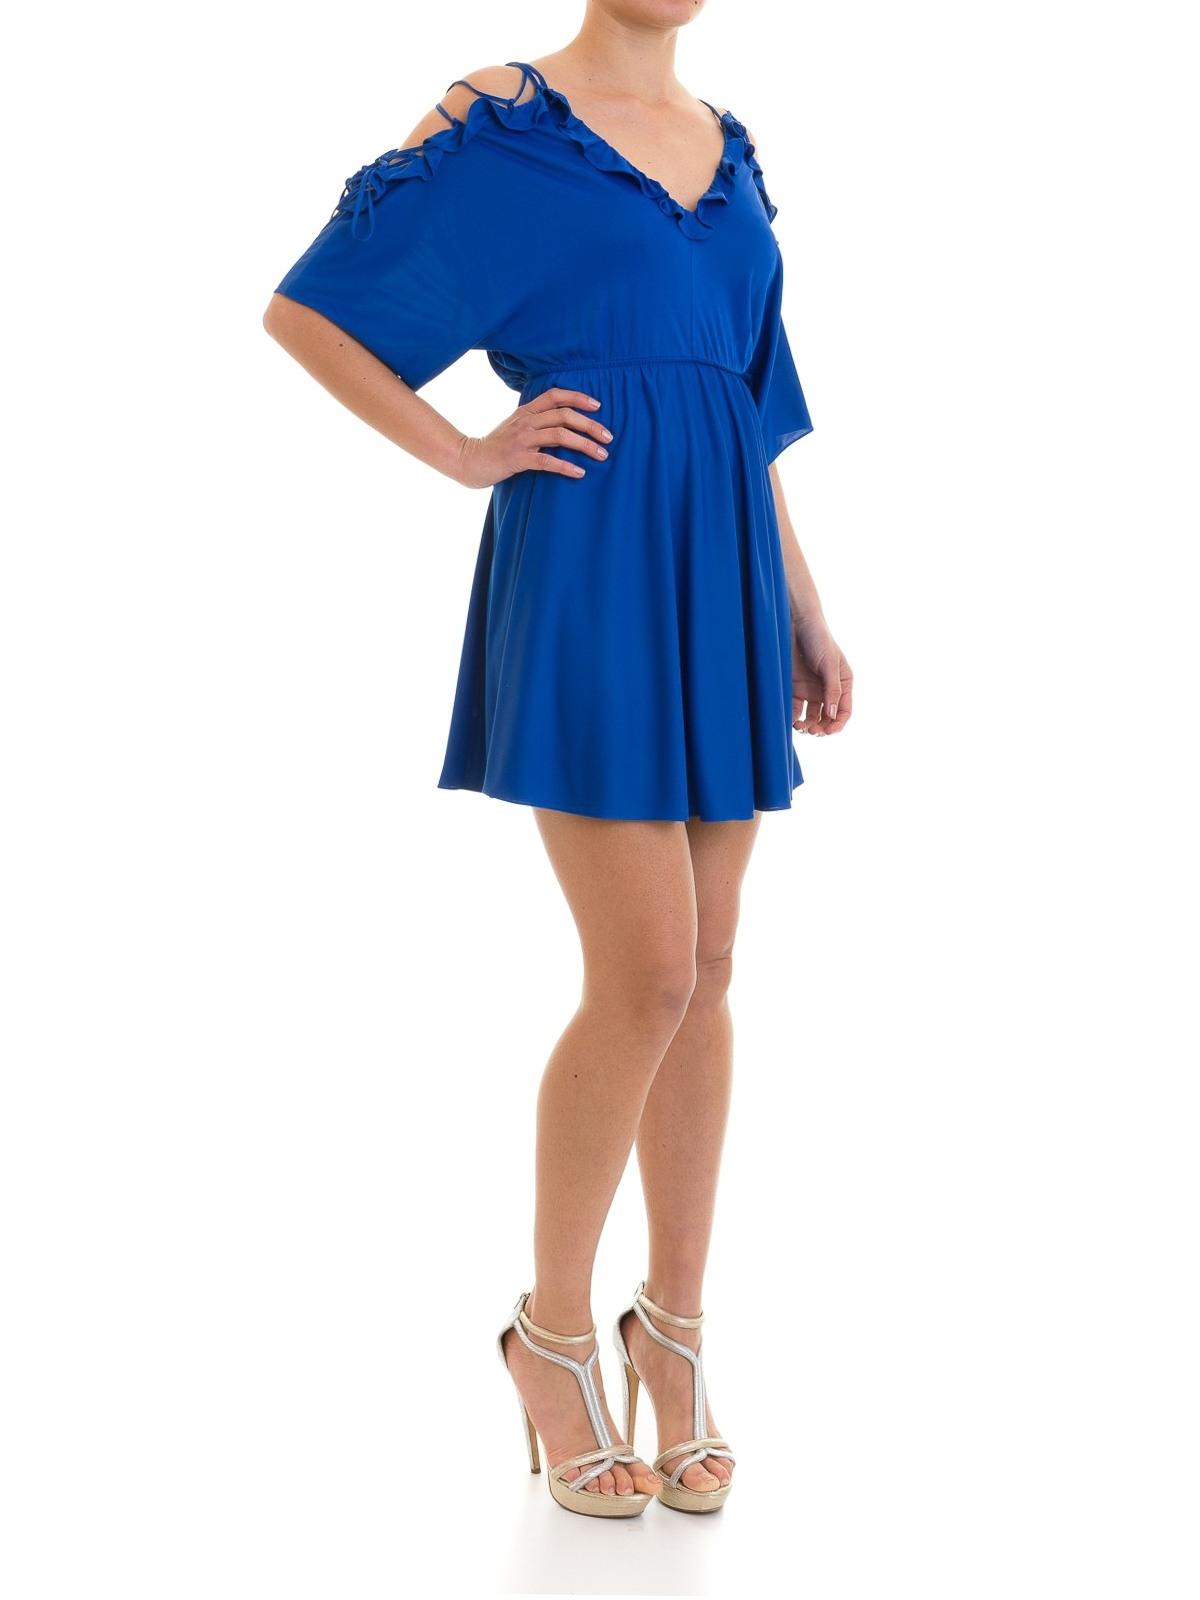 15 Schön Kurzes Kleid Blau VertriebAbend Einzigartig Kurzes Kleid Blau Spezialgebiet